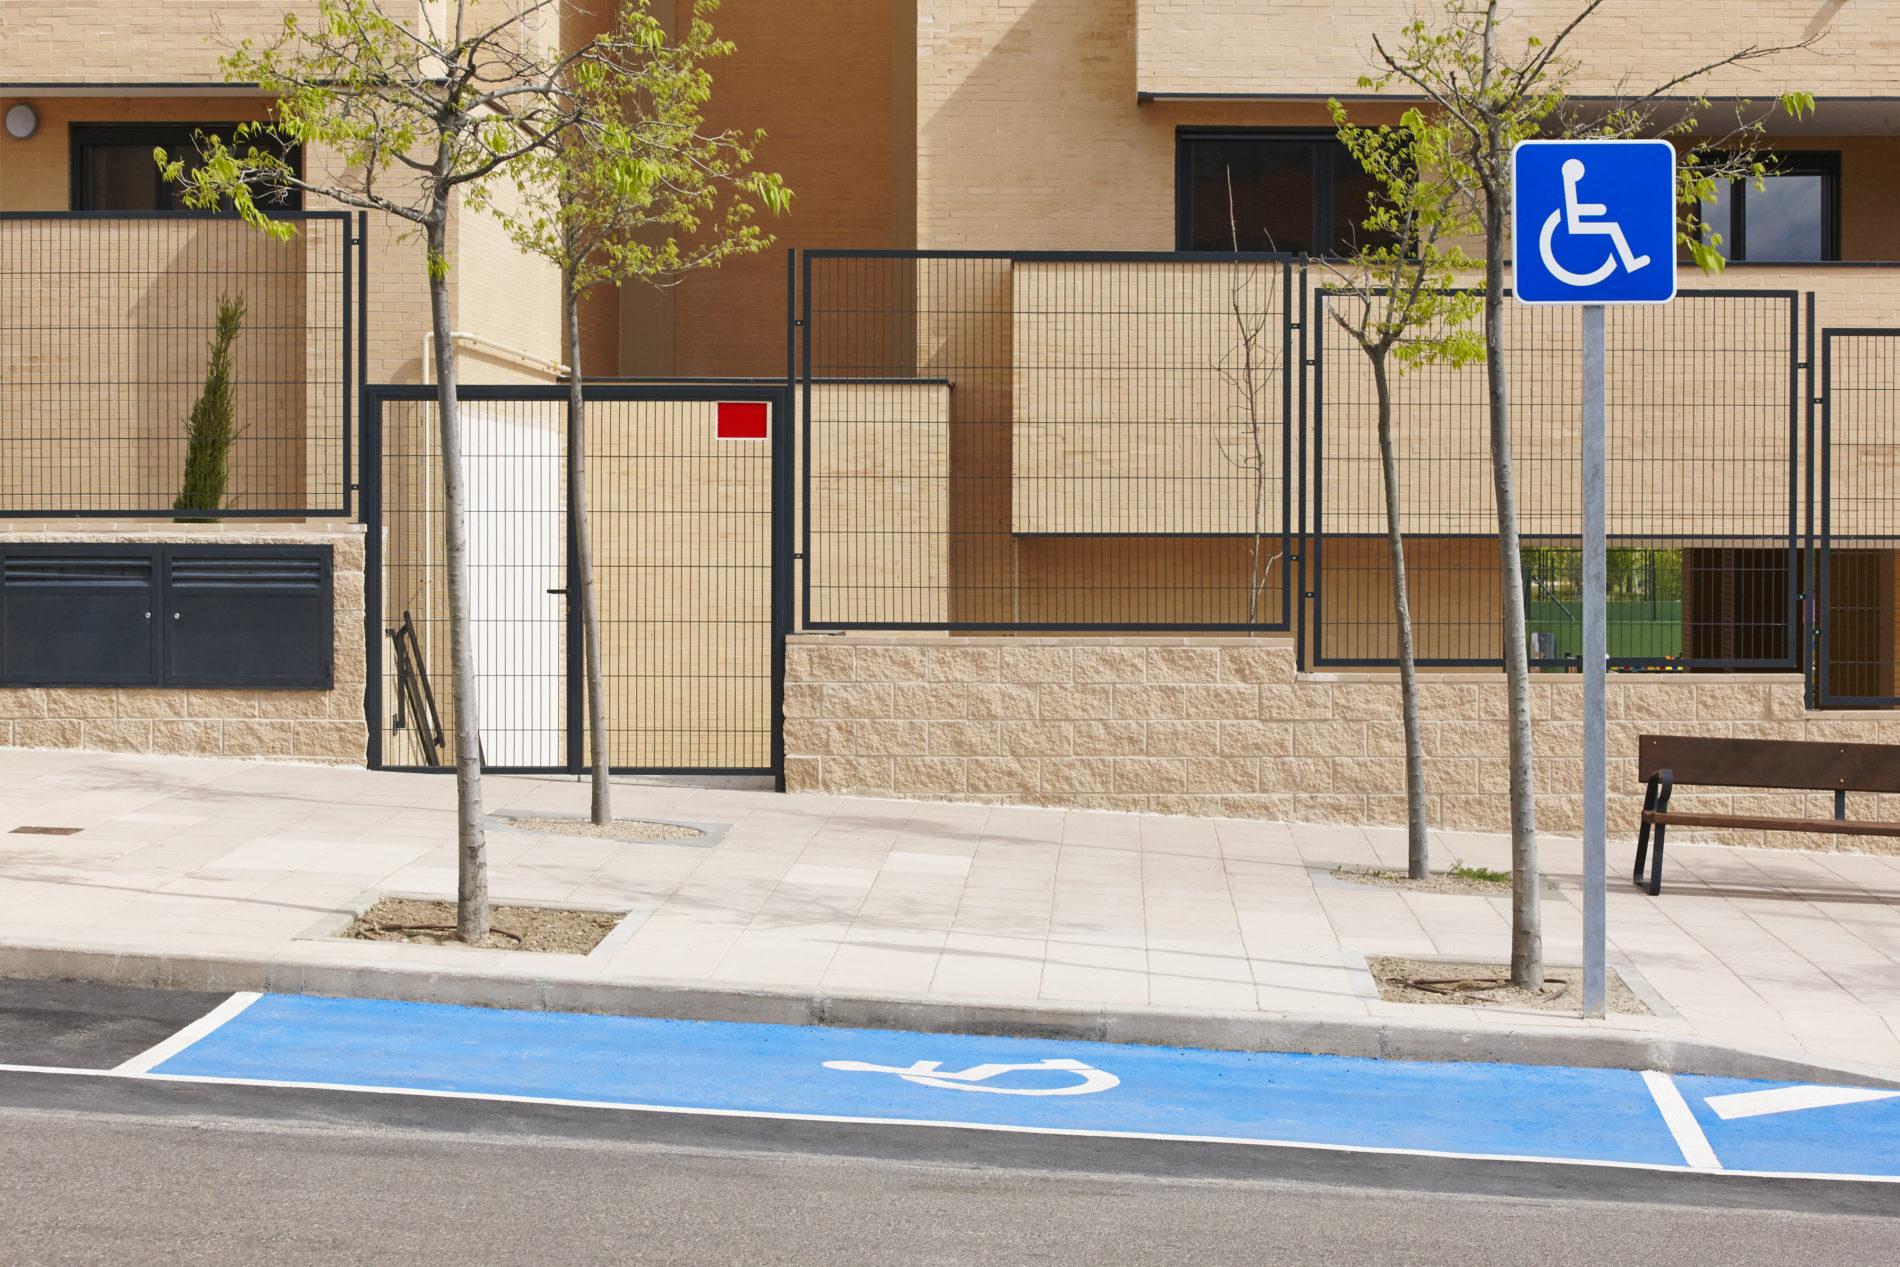 Stationnement à Paris: les handicapés non parisiens sont-il exclus ?